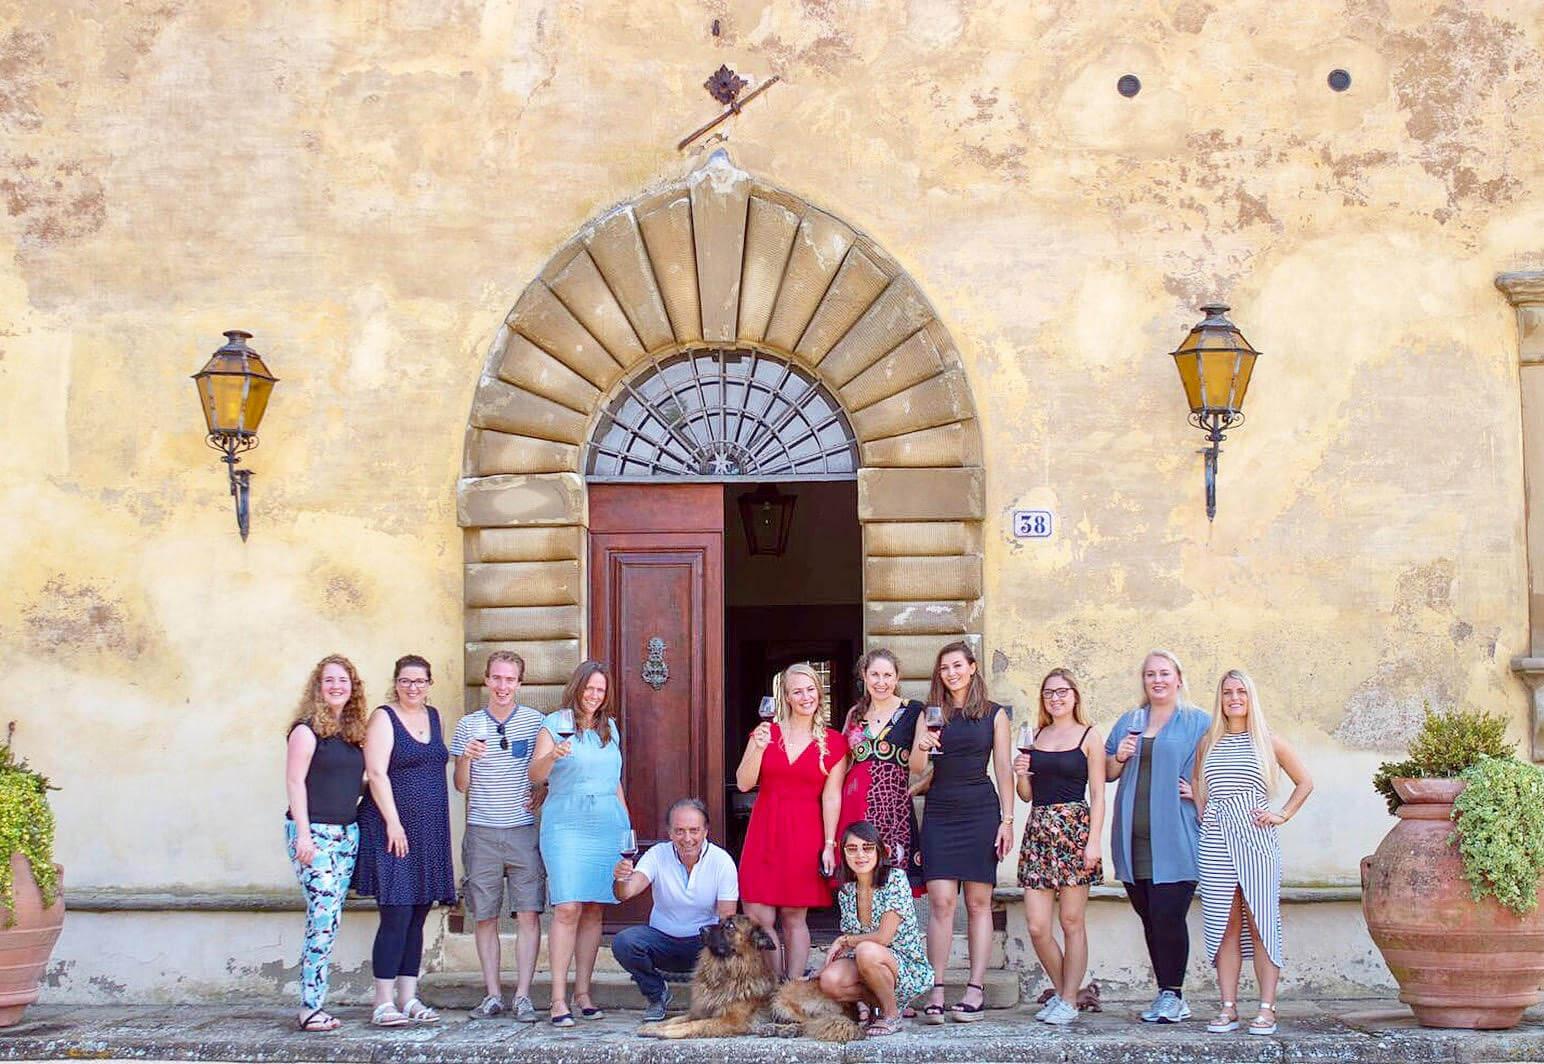 Met Parrano naar Toscane in Italië